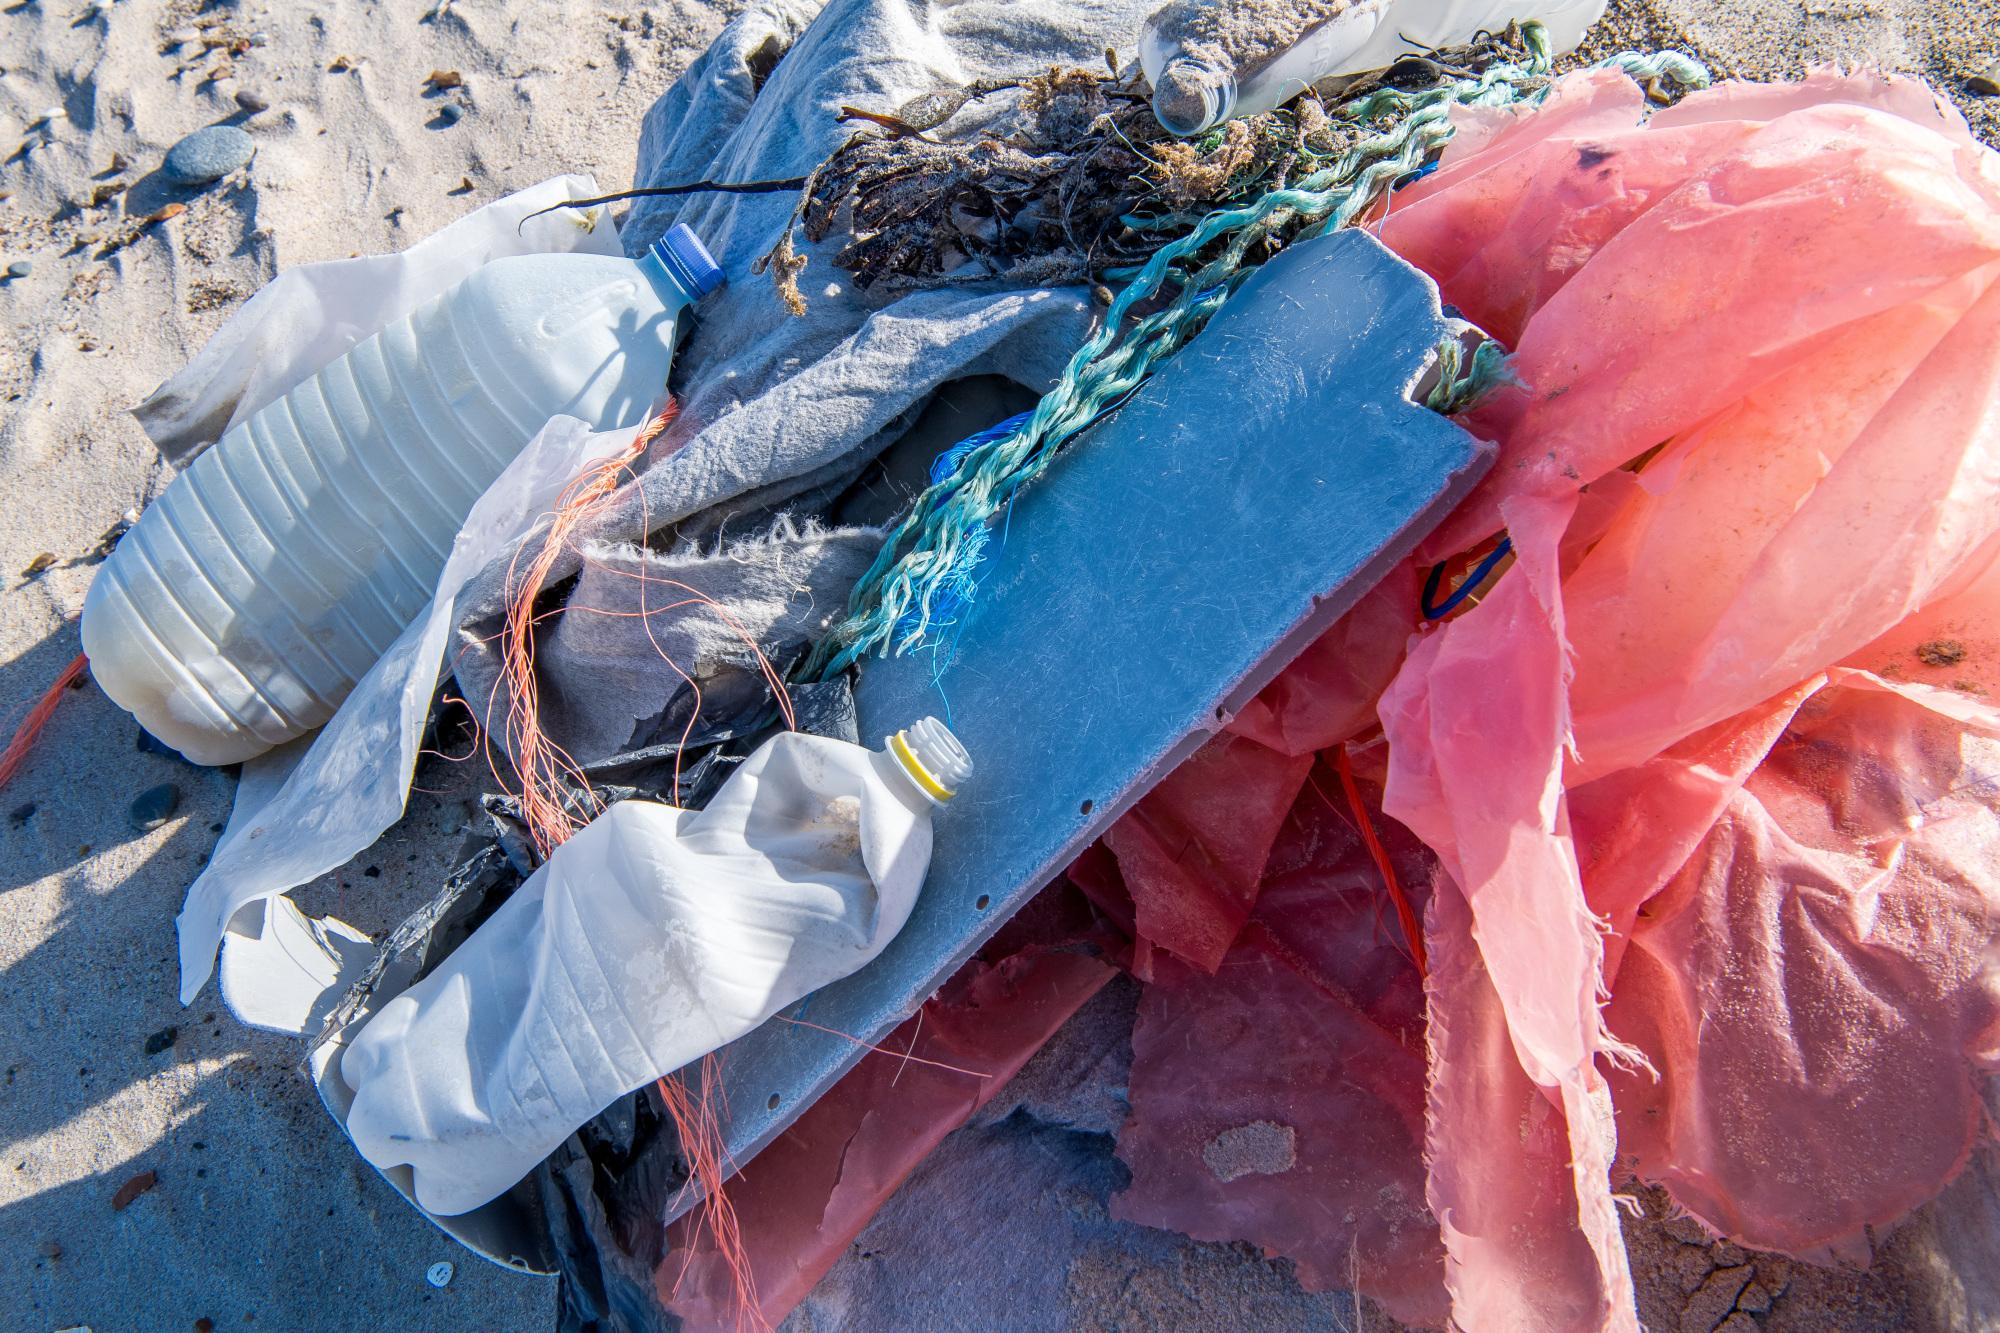 Etablering af genbrugsindustri kræver starthjælp: - Vi er håbløst bagud